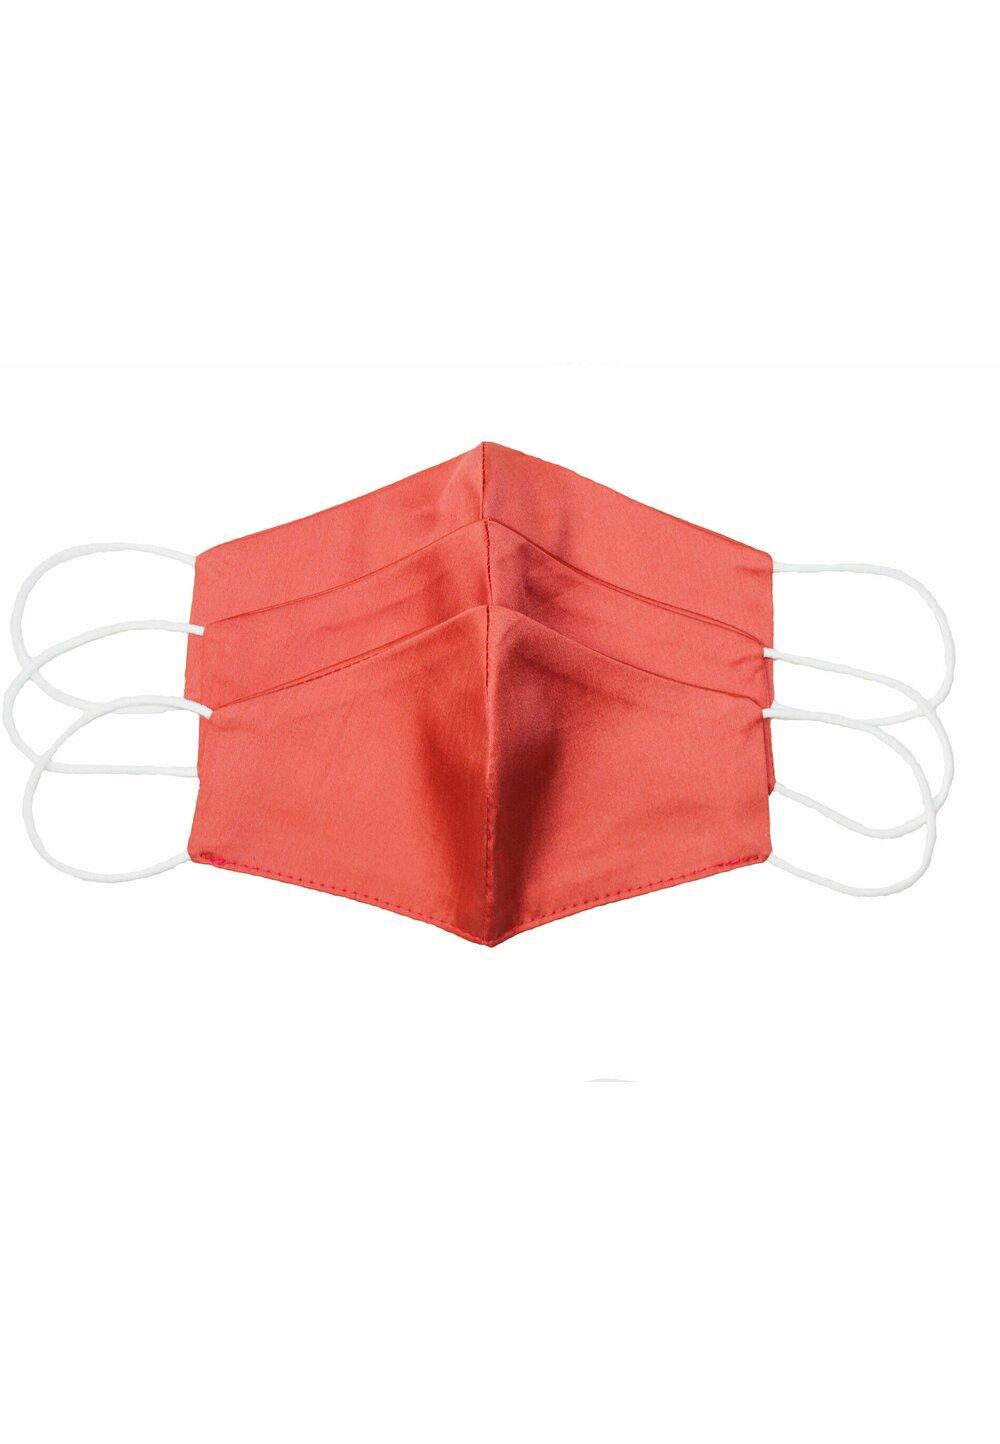 Masca reutilizabila, set 3 buc,adulti, portocalie imagine